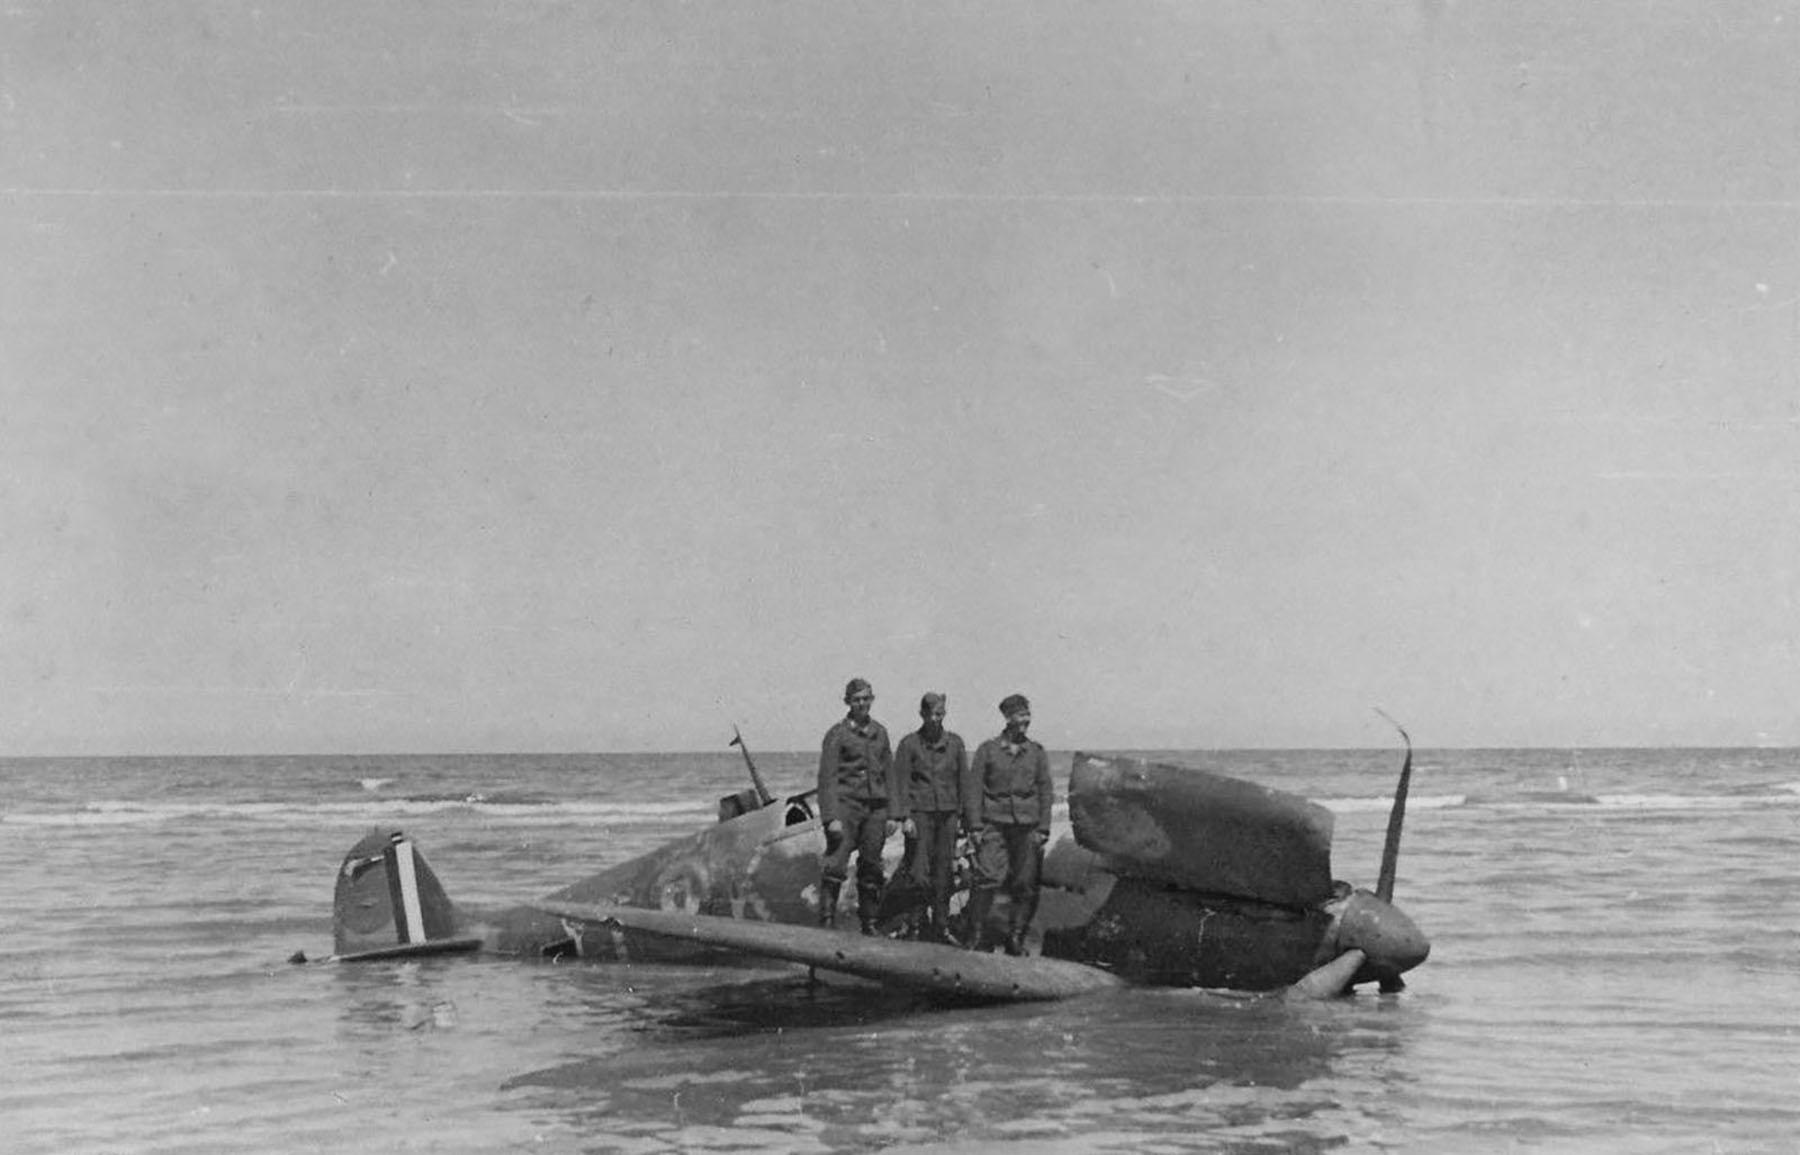 Spitfire MkIIa RAF 65Sqn YTK force landed Dunkirk France 1940 01